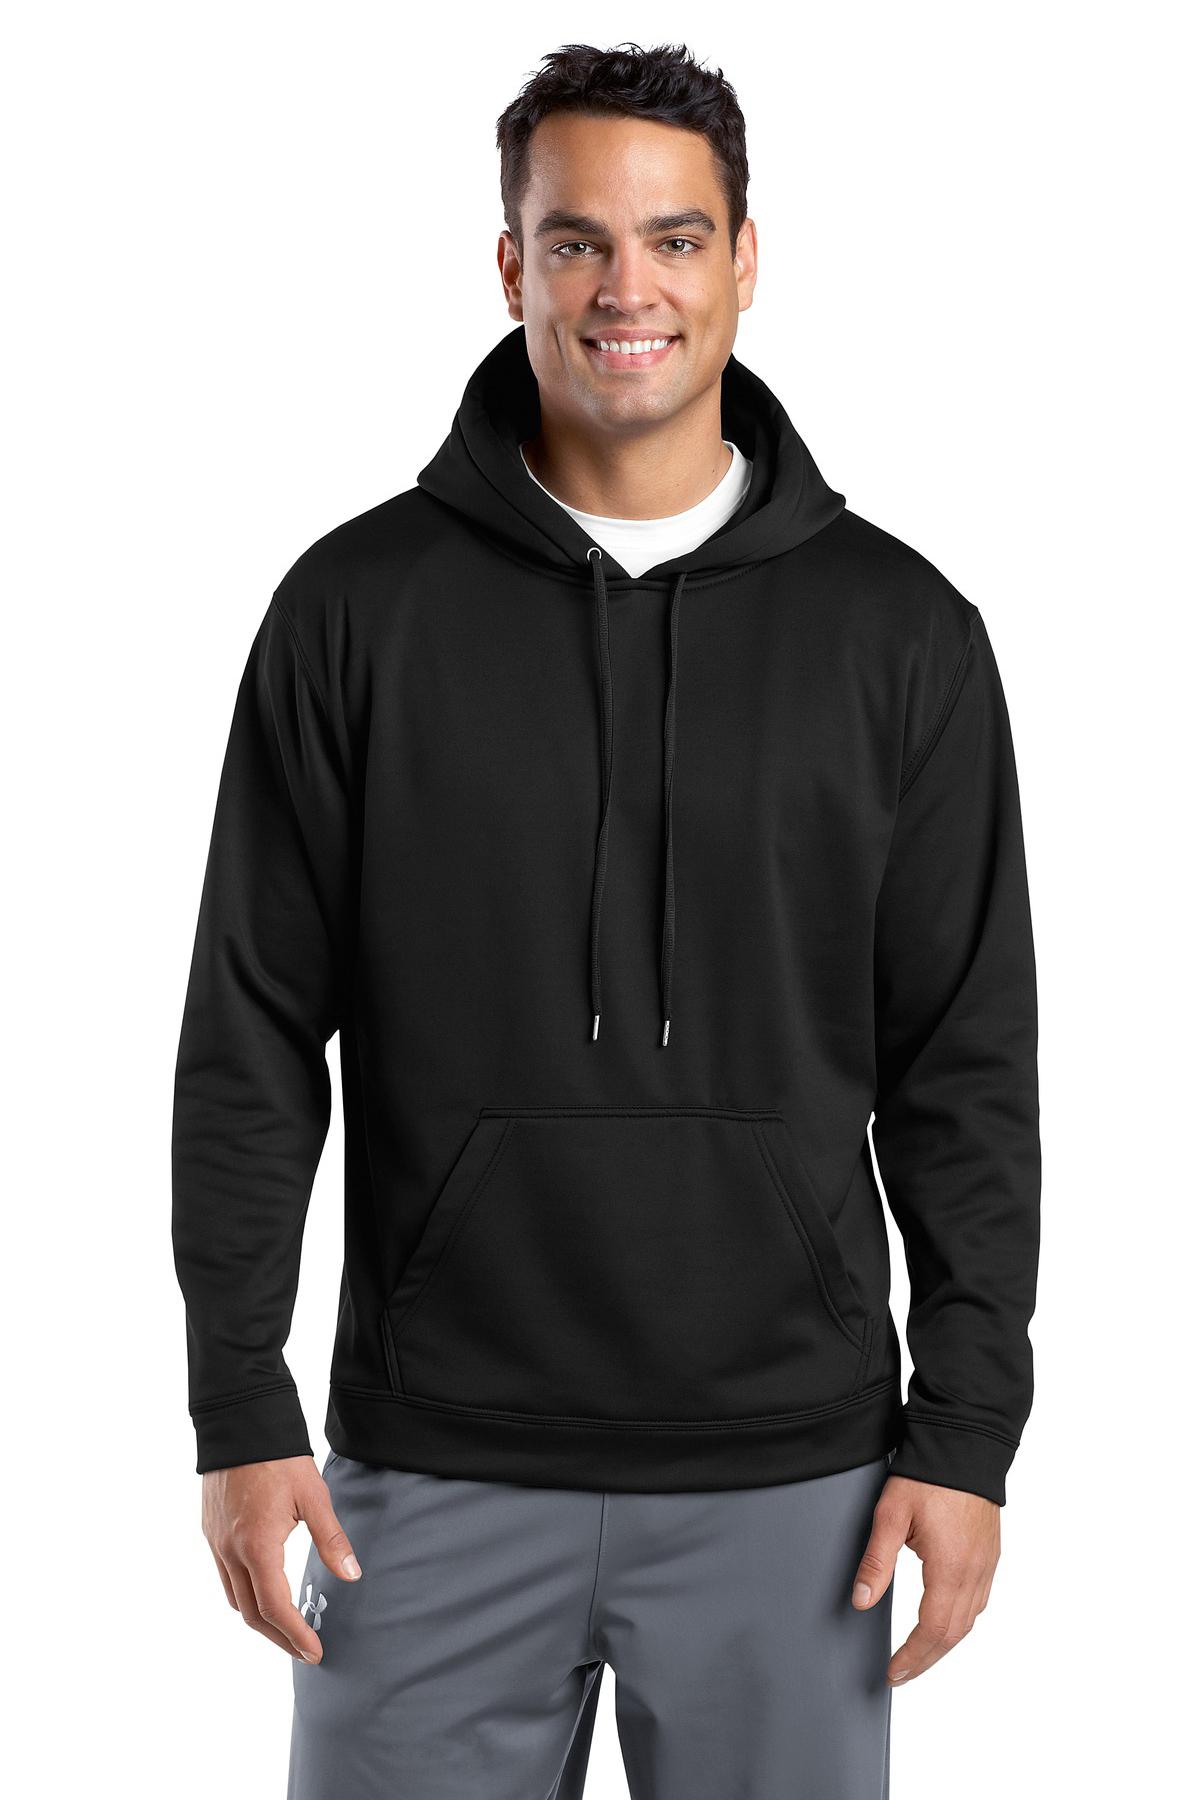 Sweatshirts-Fleece-Hooded-23